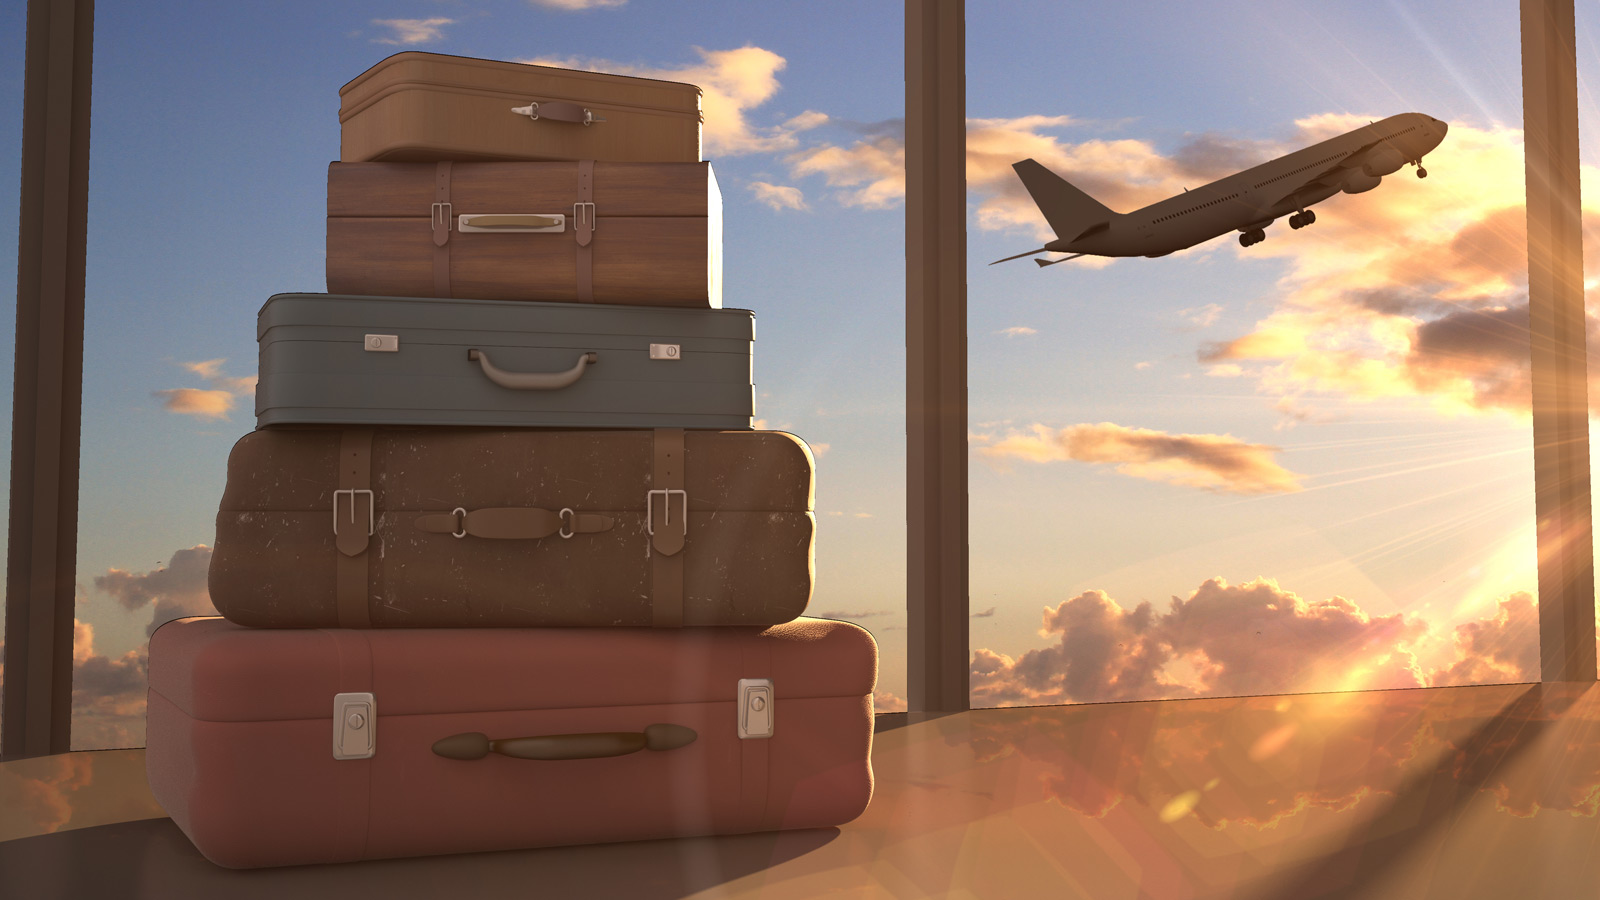 reembolso por excesso de bagagem